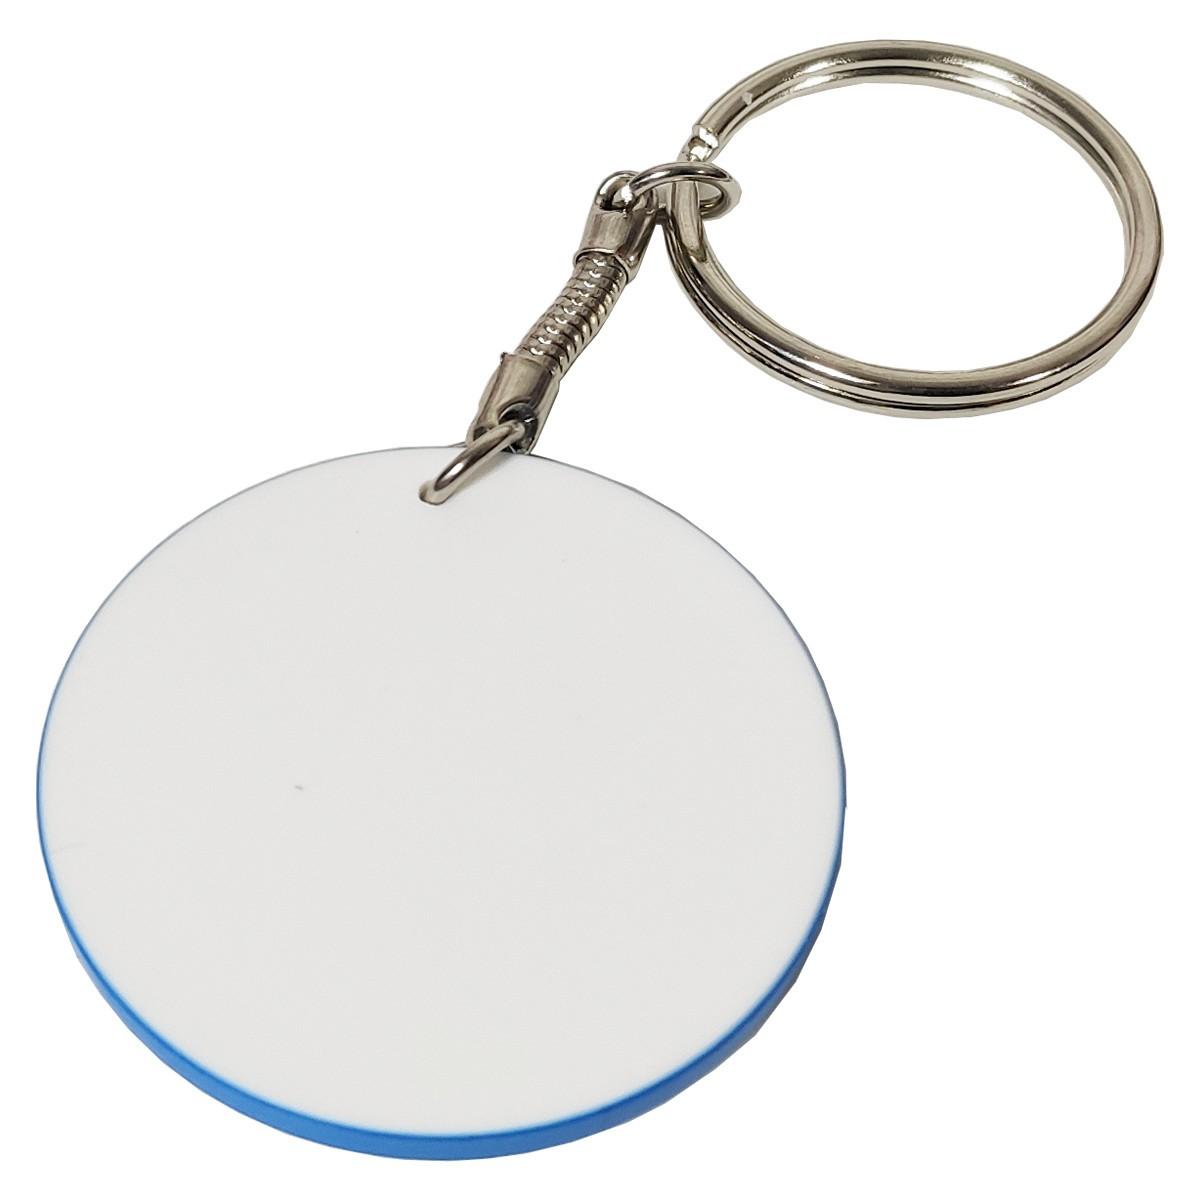 Chaveiro de polímero redondo com borda azul